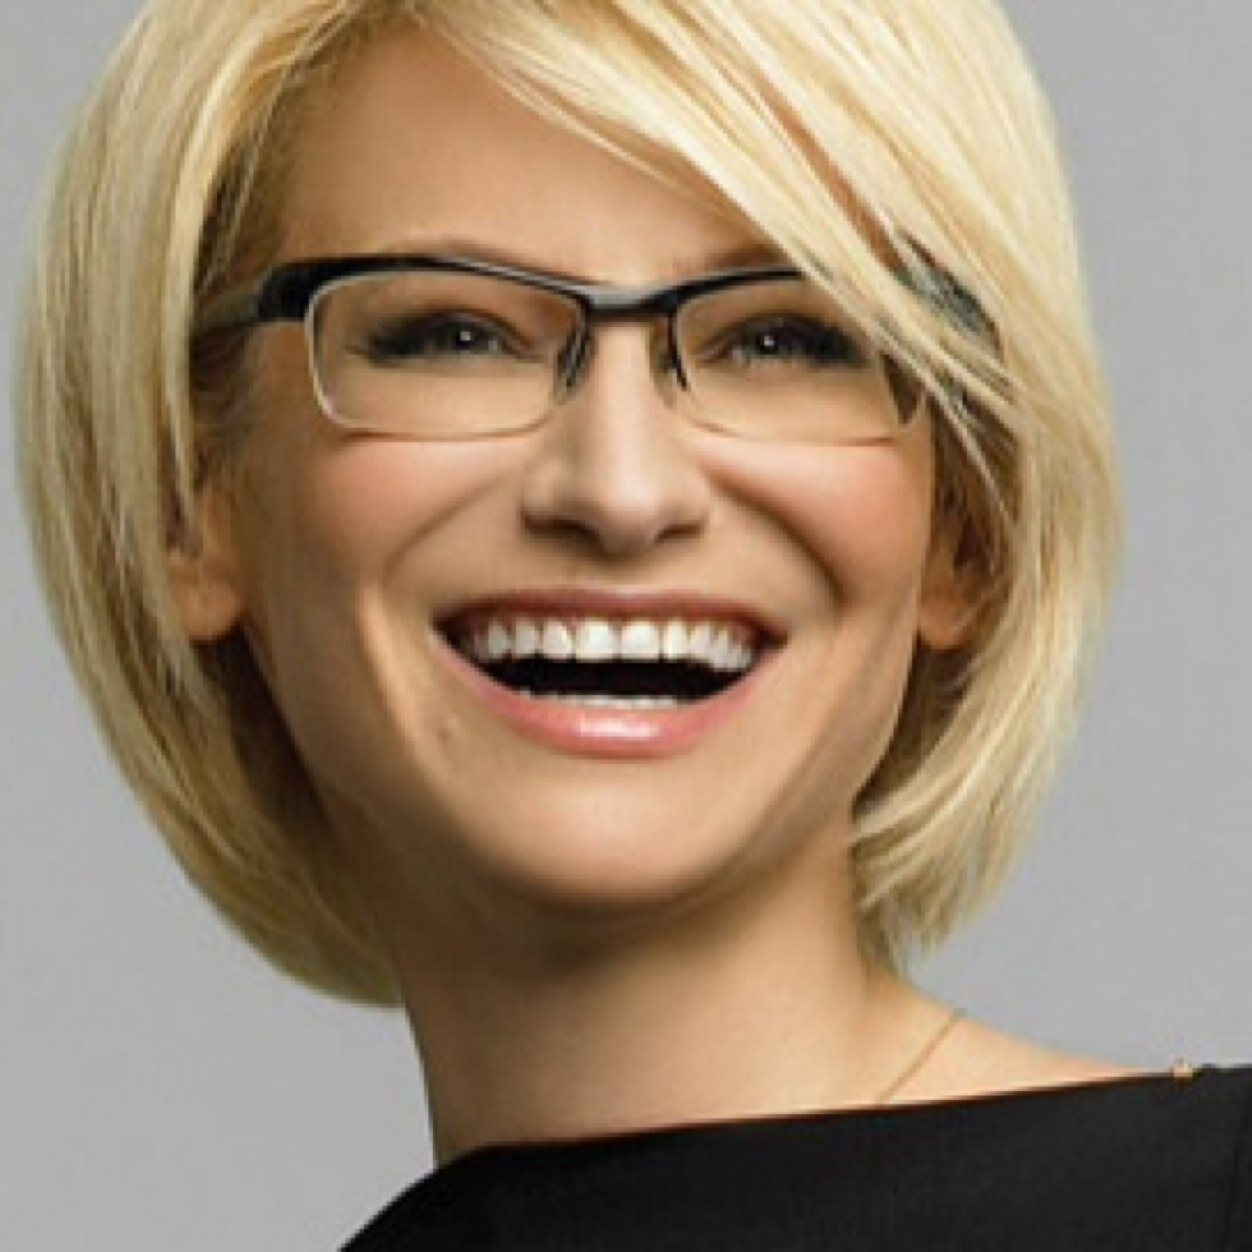 Какая прическа подходит если носишь очки